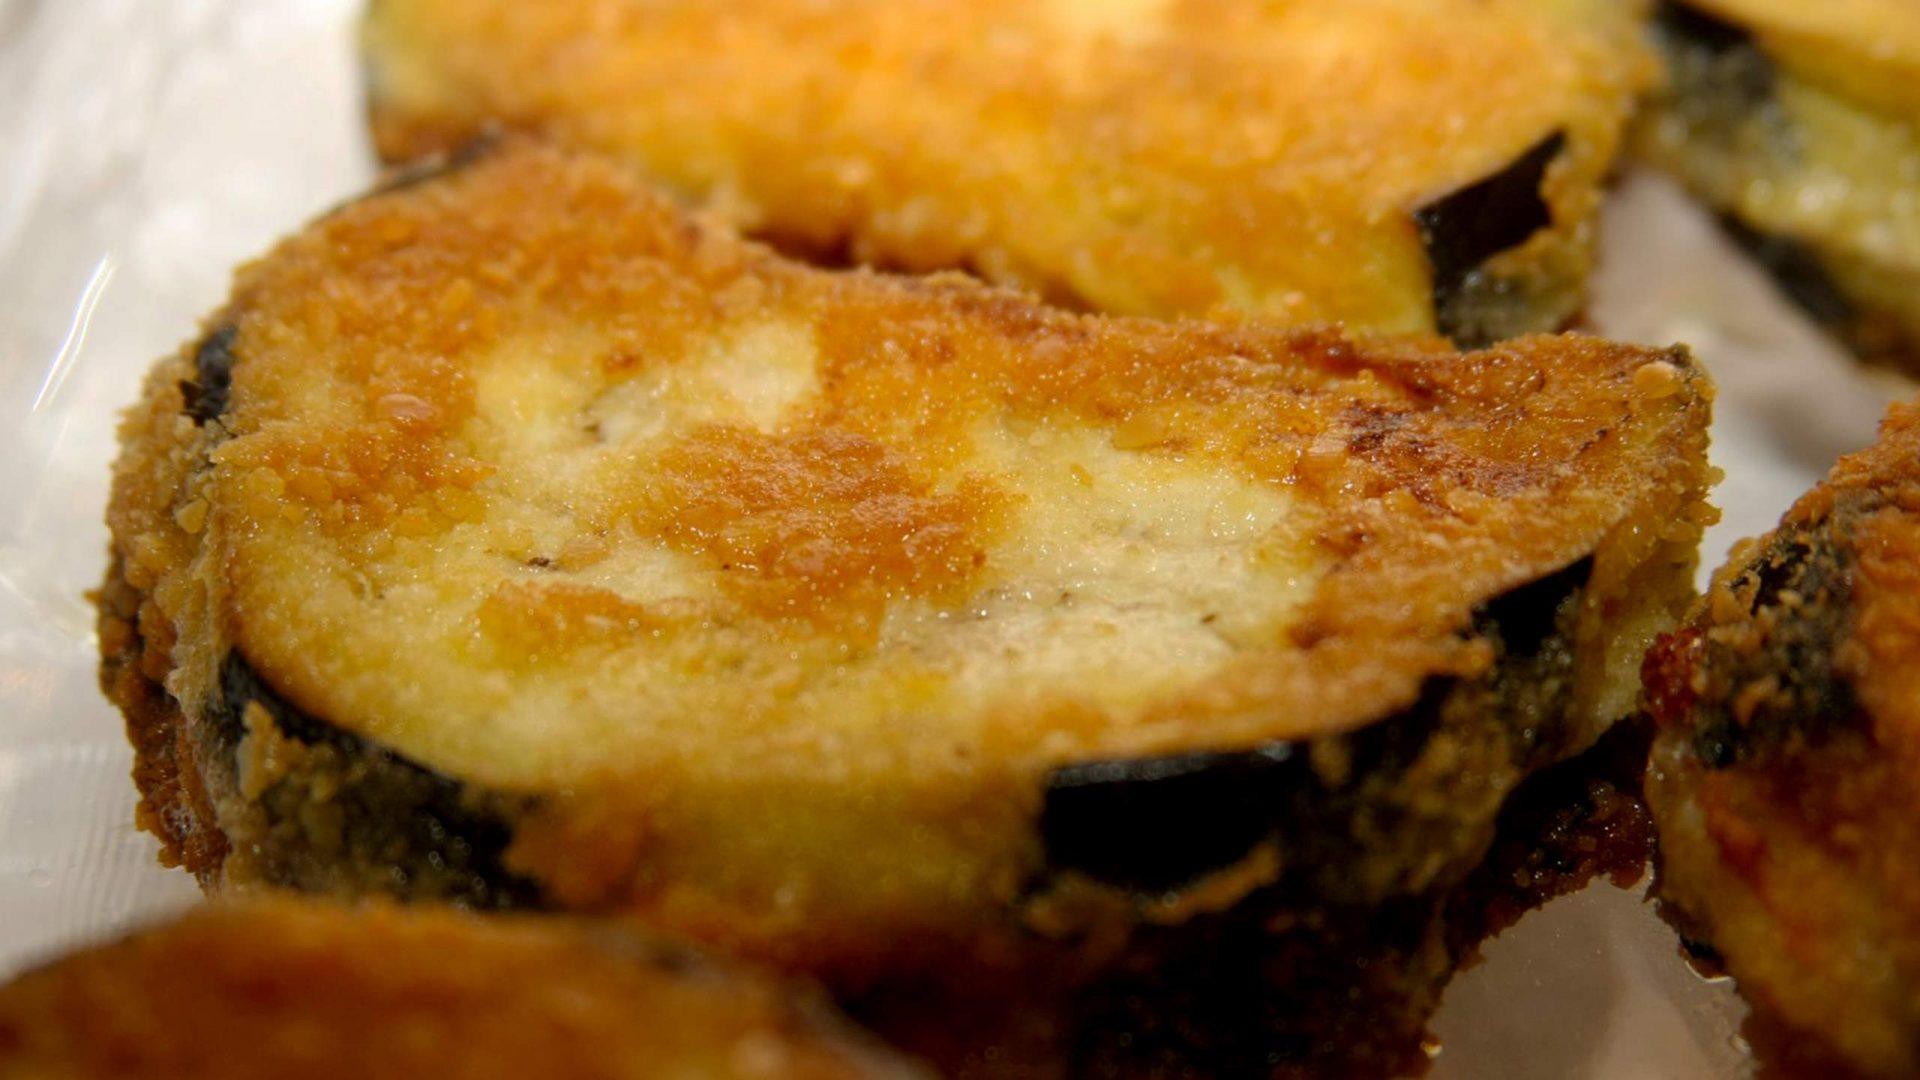 חצילים מטוגנים במילוי גבינות